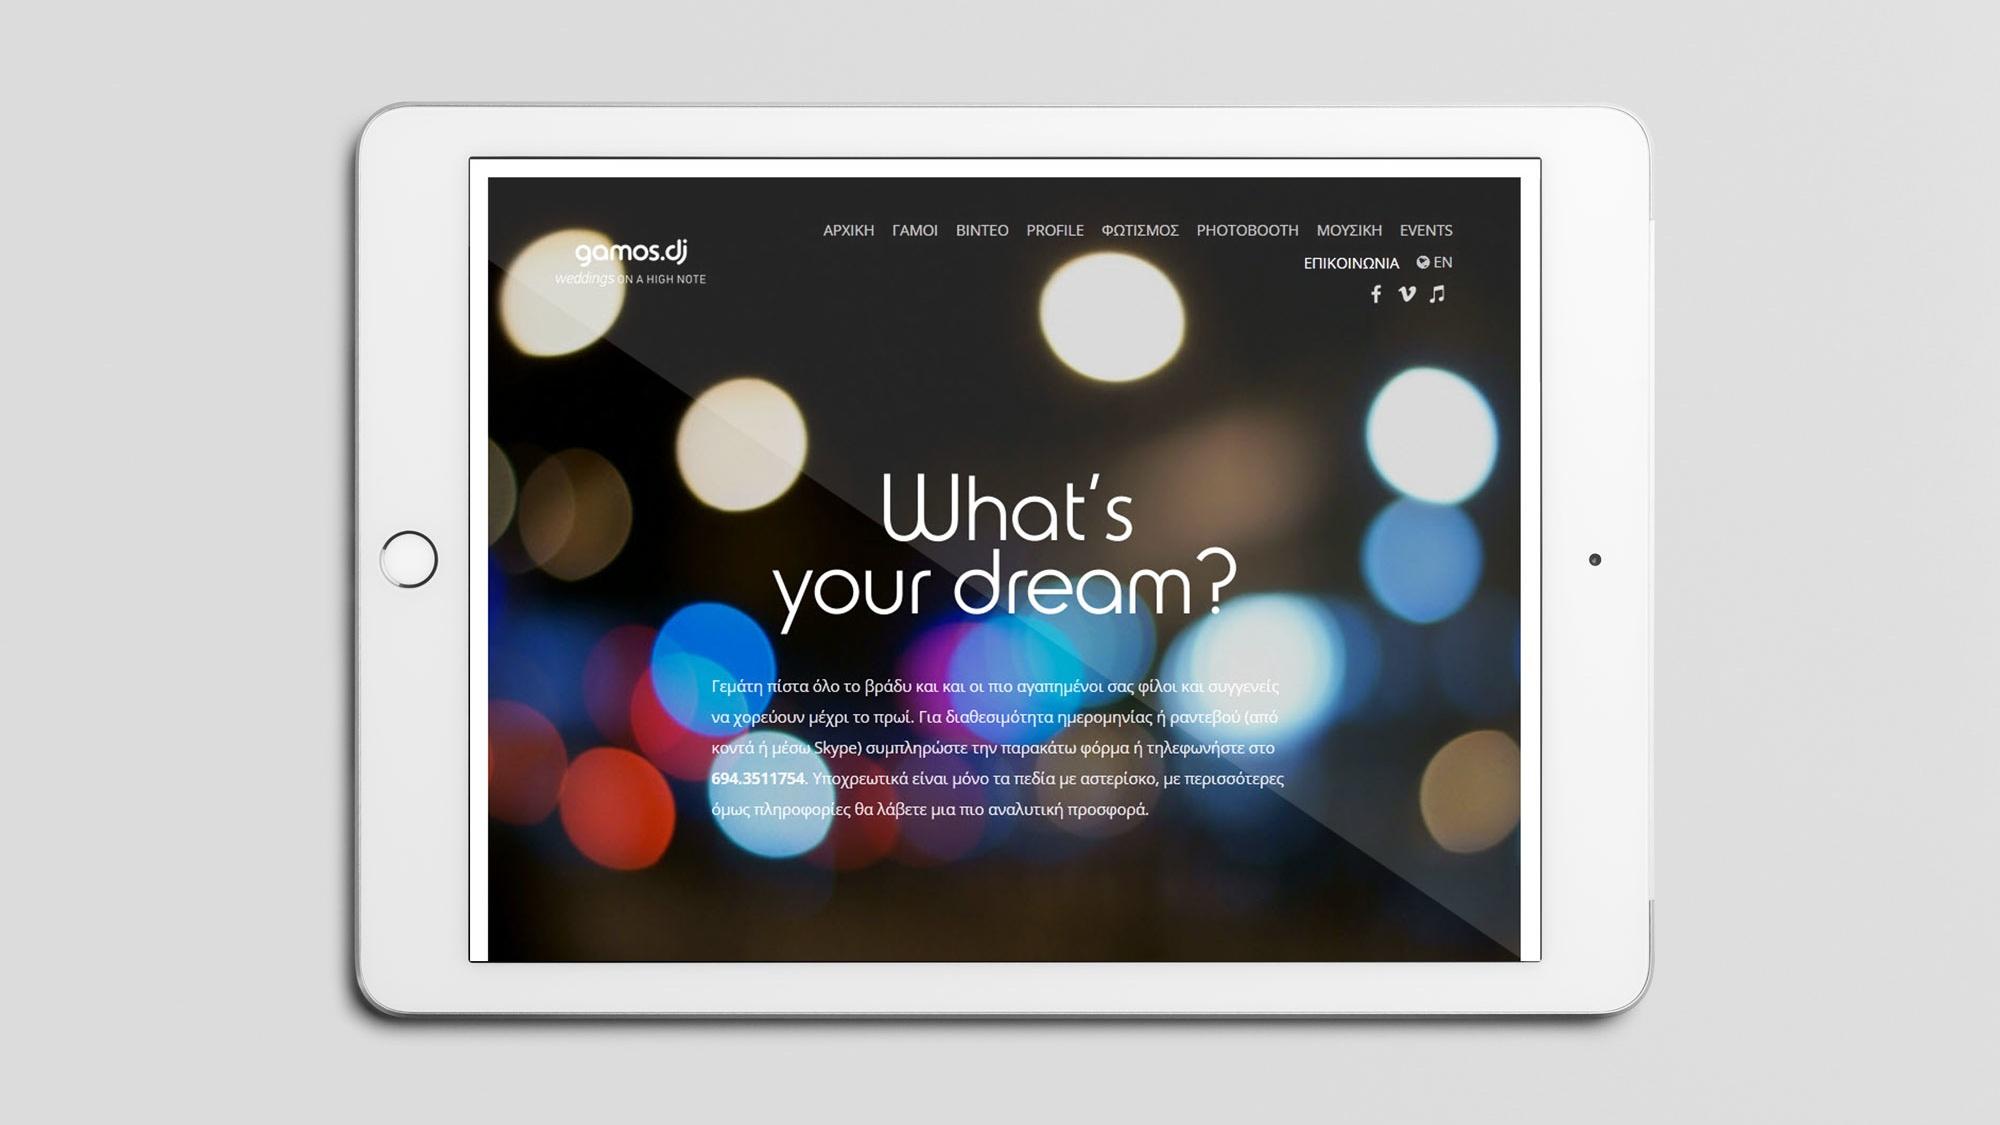 02-ipad-mockup-free-version-wefdc_Snapseed.jpg